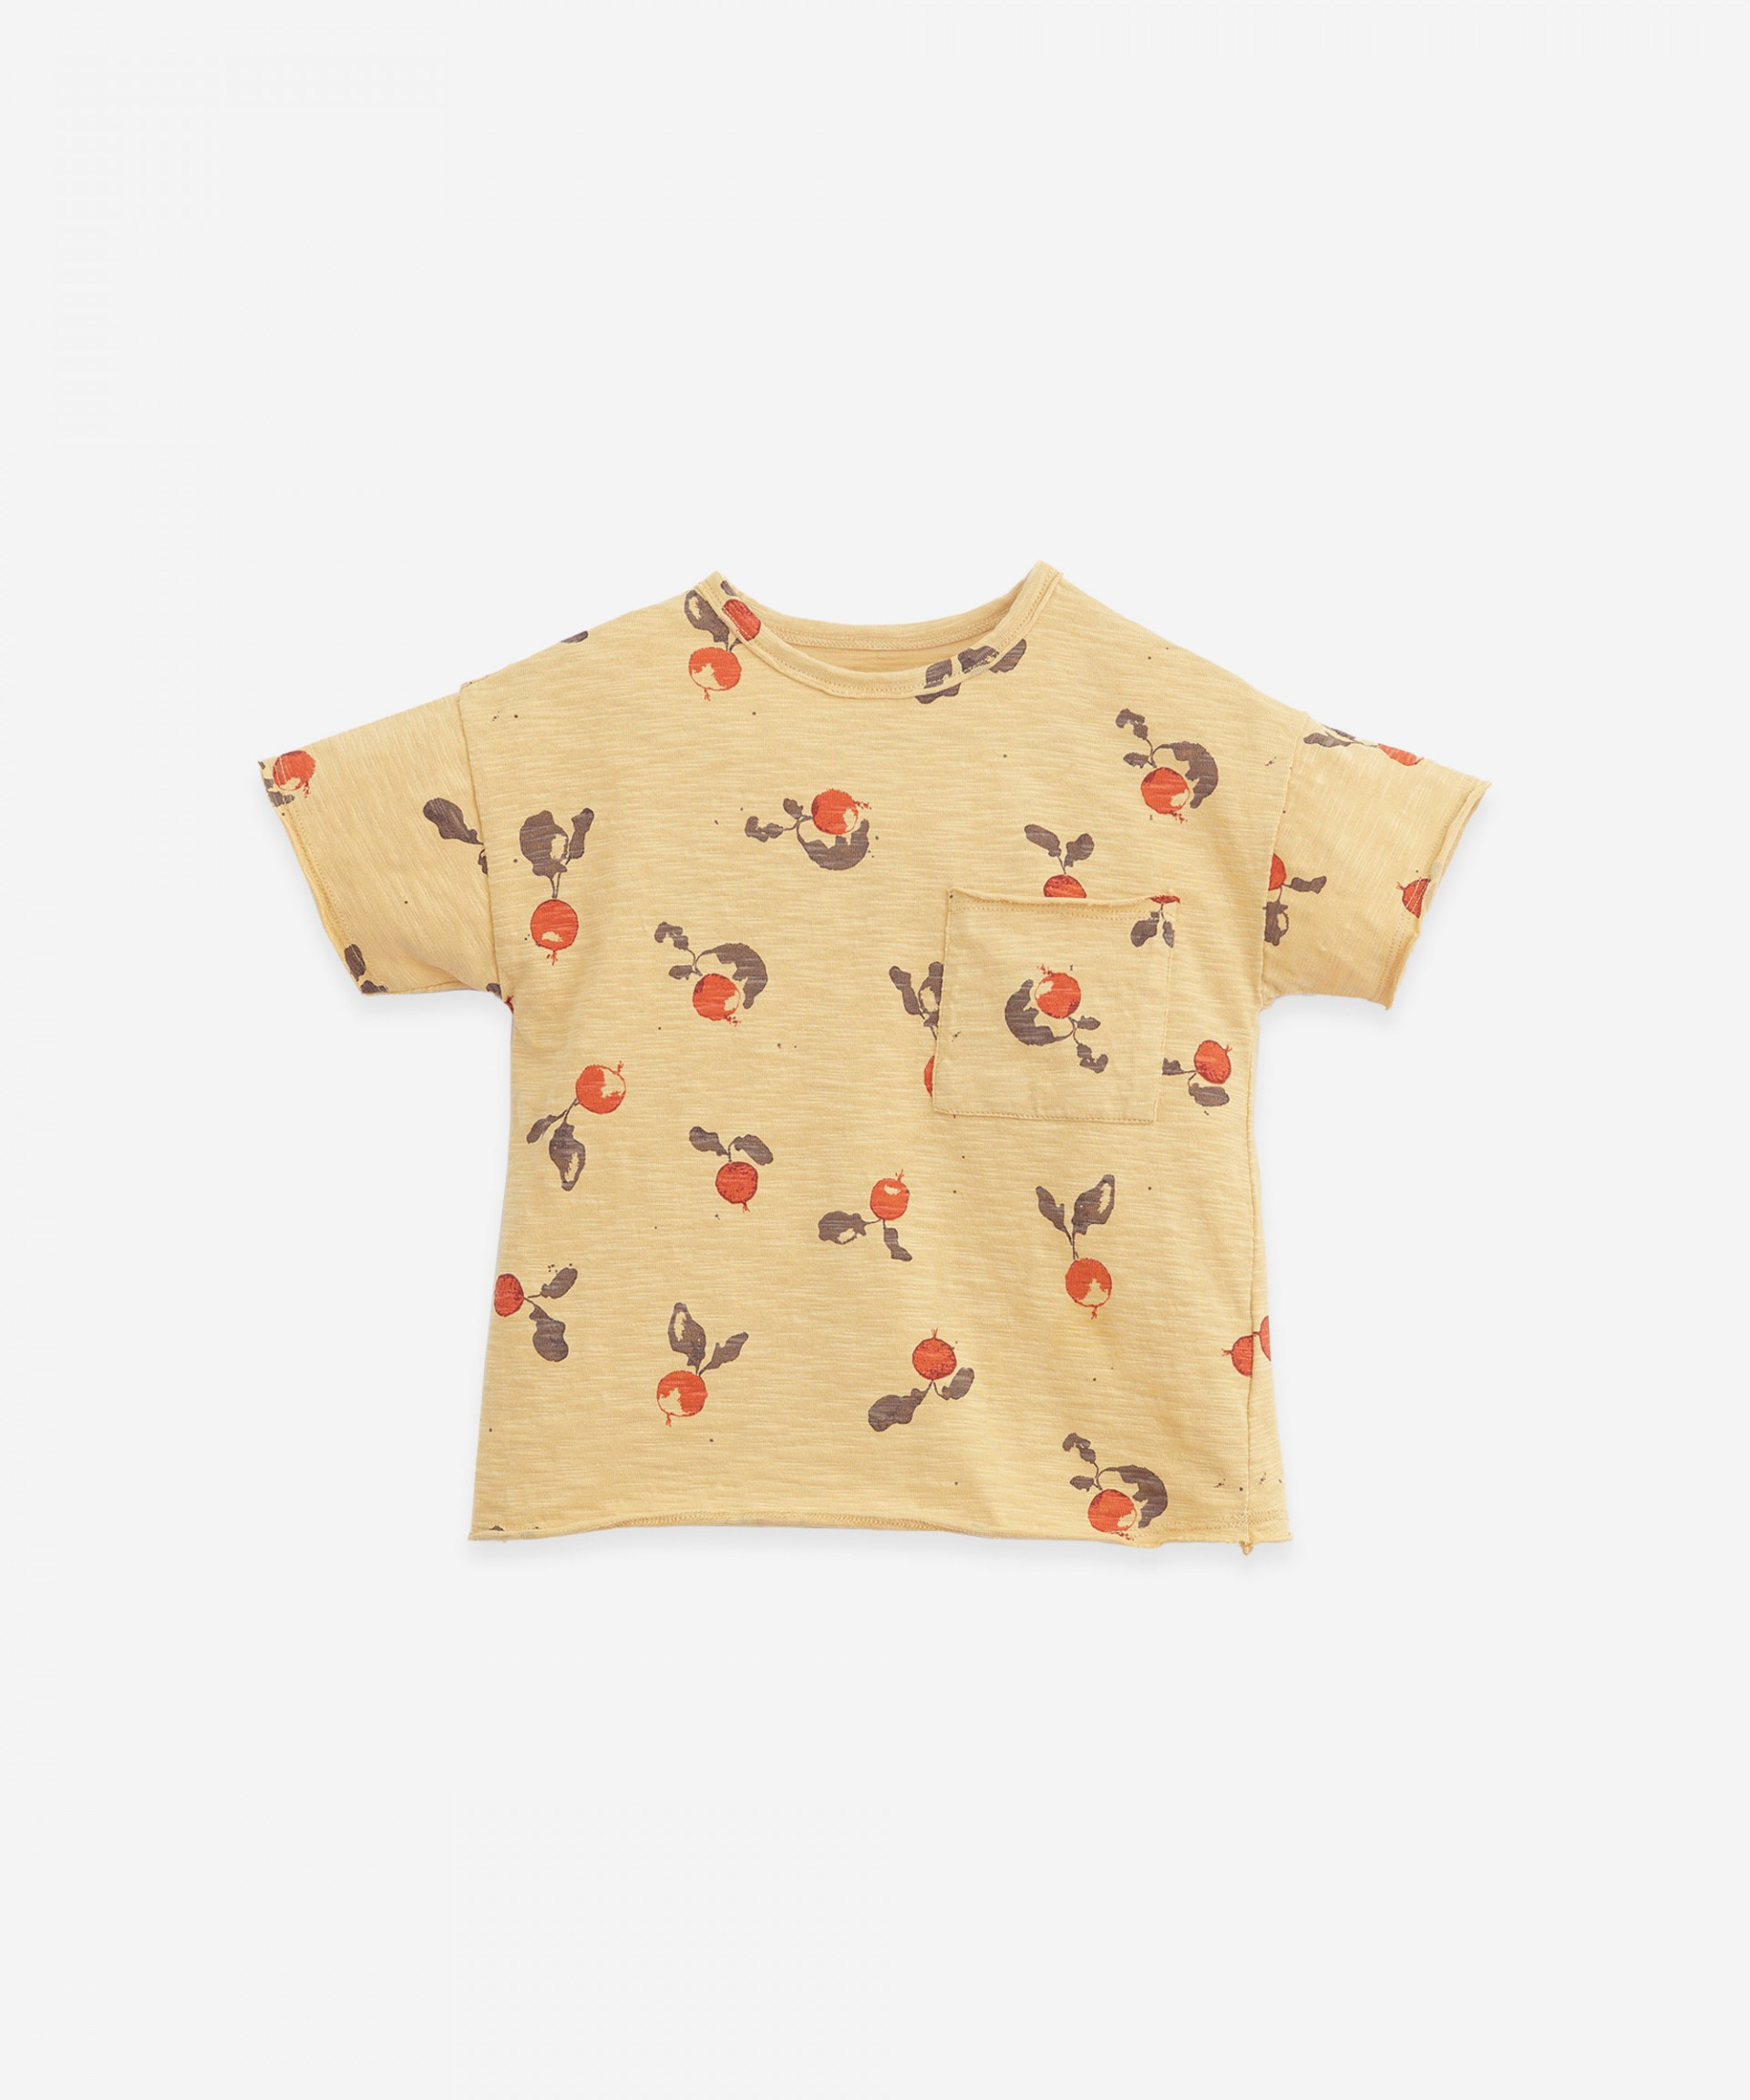 Camiseta con estampado de rabanitos | Botany